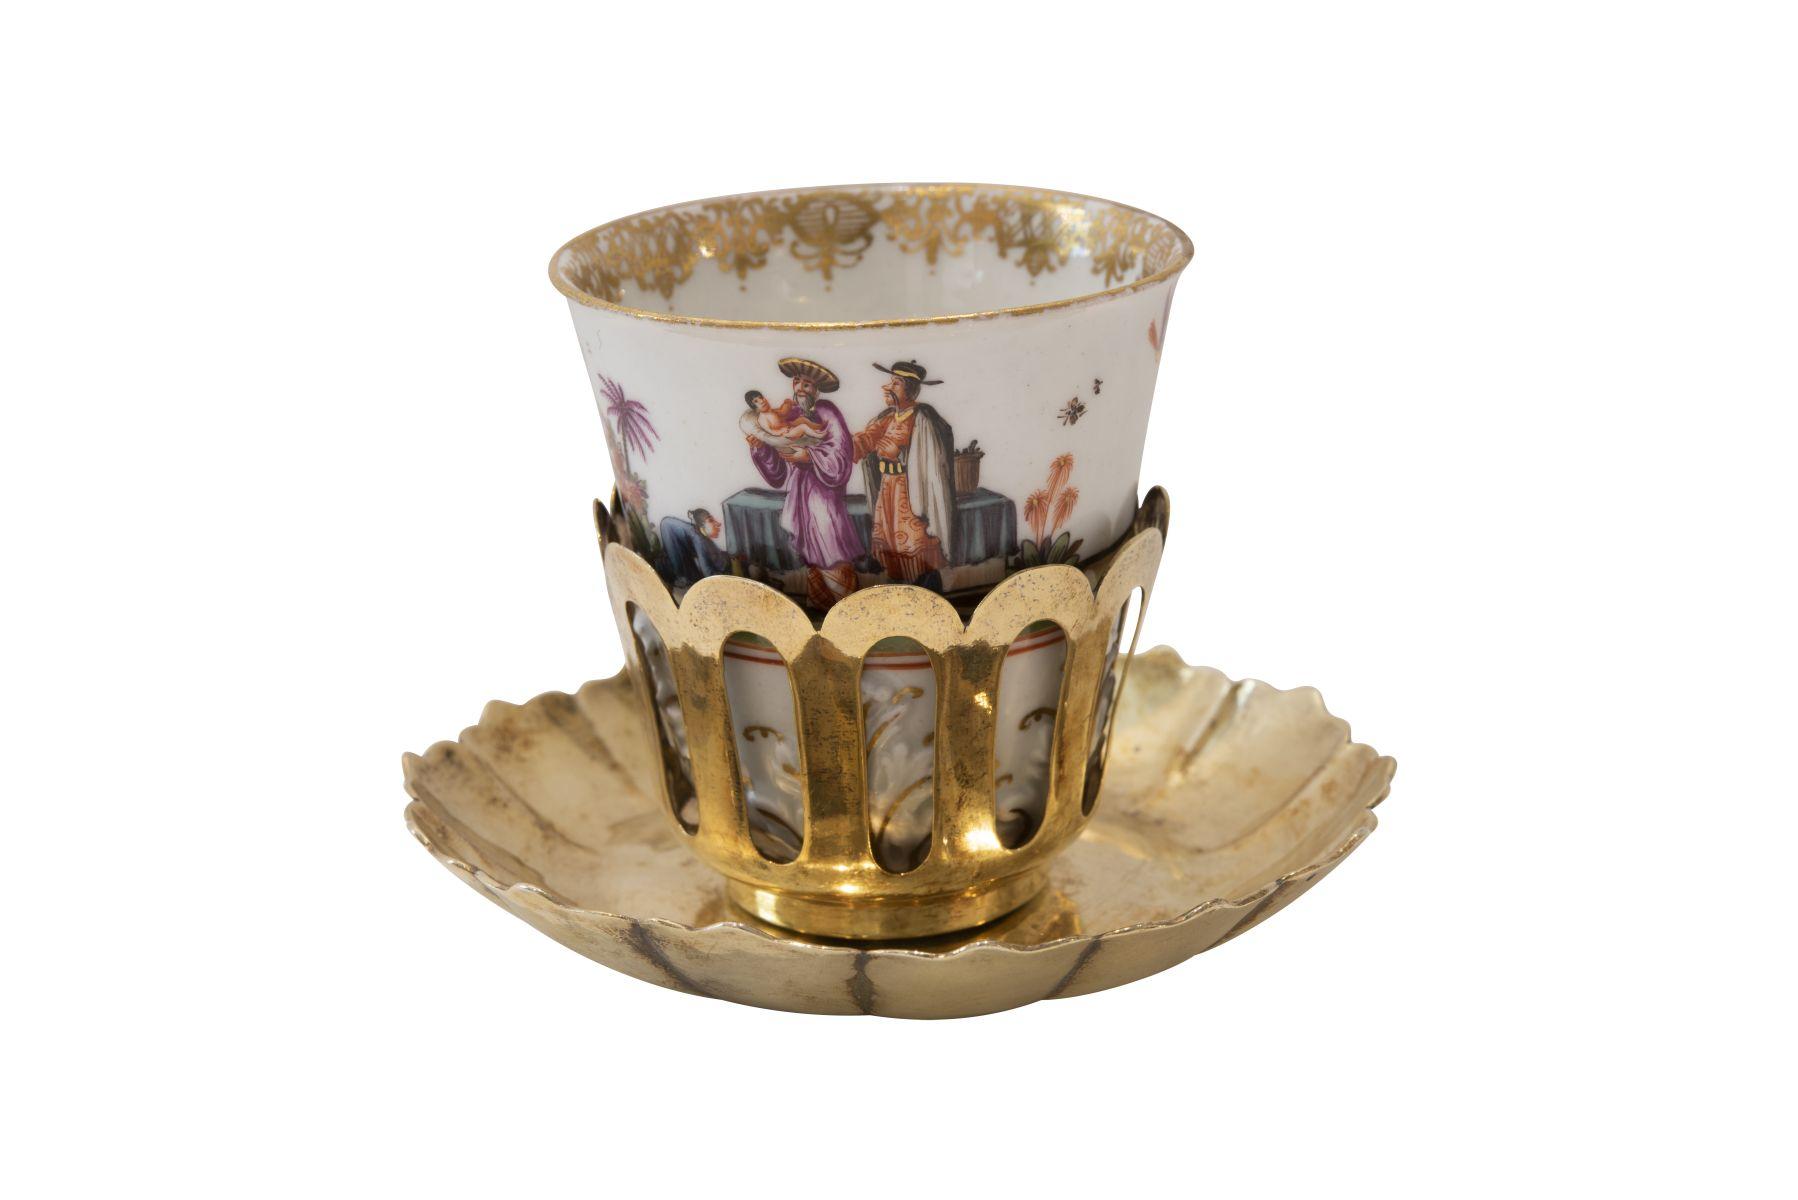 #100 A Meissen chinoiserie beaker and silver-gilt trembleuse stand ca. 1735   Becher mit Akantusblüten in einer vergoldetes Silber Trembleuse um 1735 Image